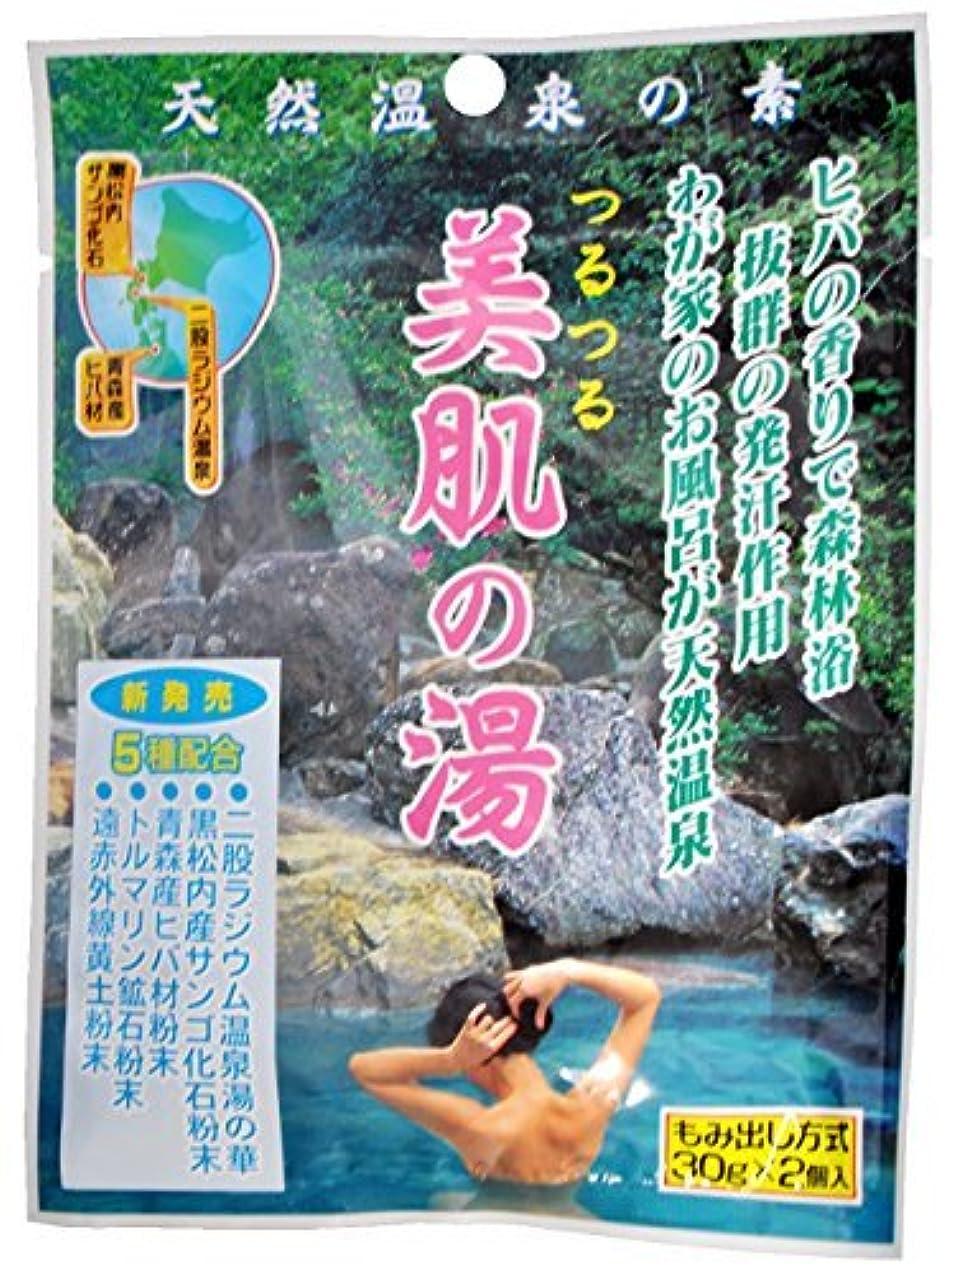 ファンホイットニー課税【まとめ買い】天然成分入浴剤 つるつる 美肌の湯 2袋入 二股ラジウム温泉の湯の華 ×30個